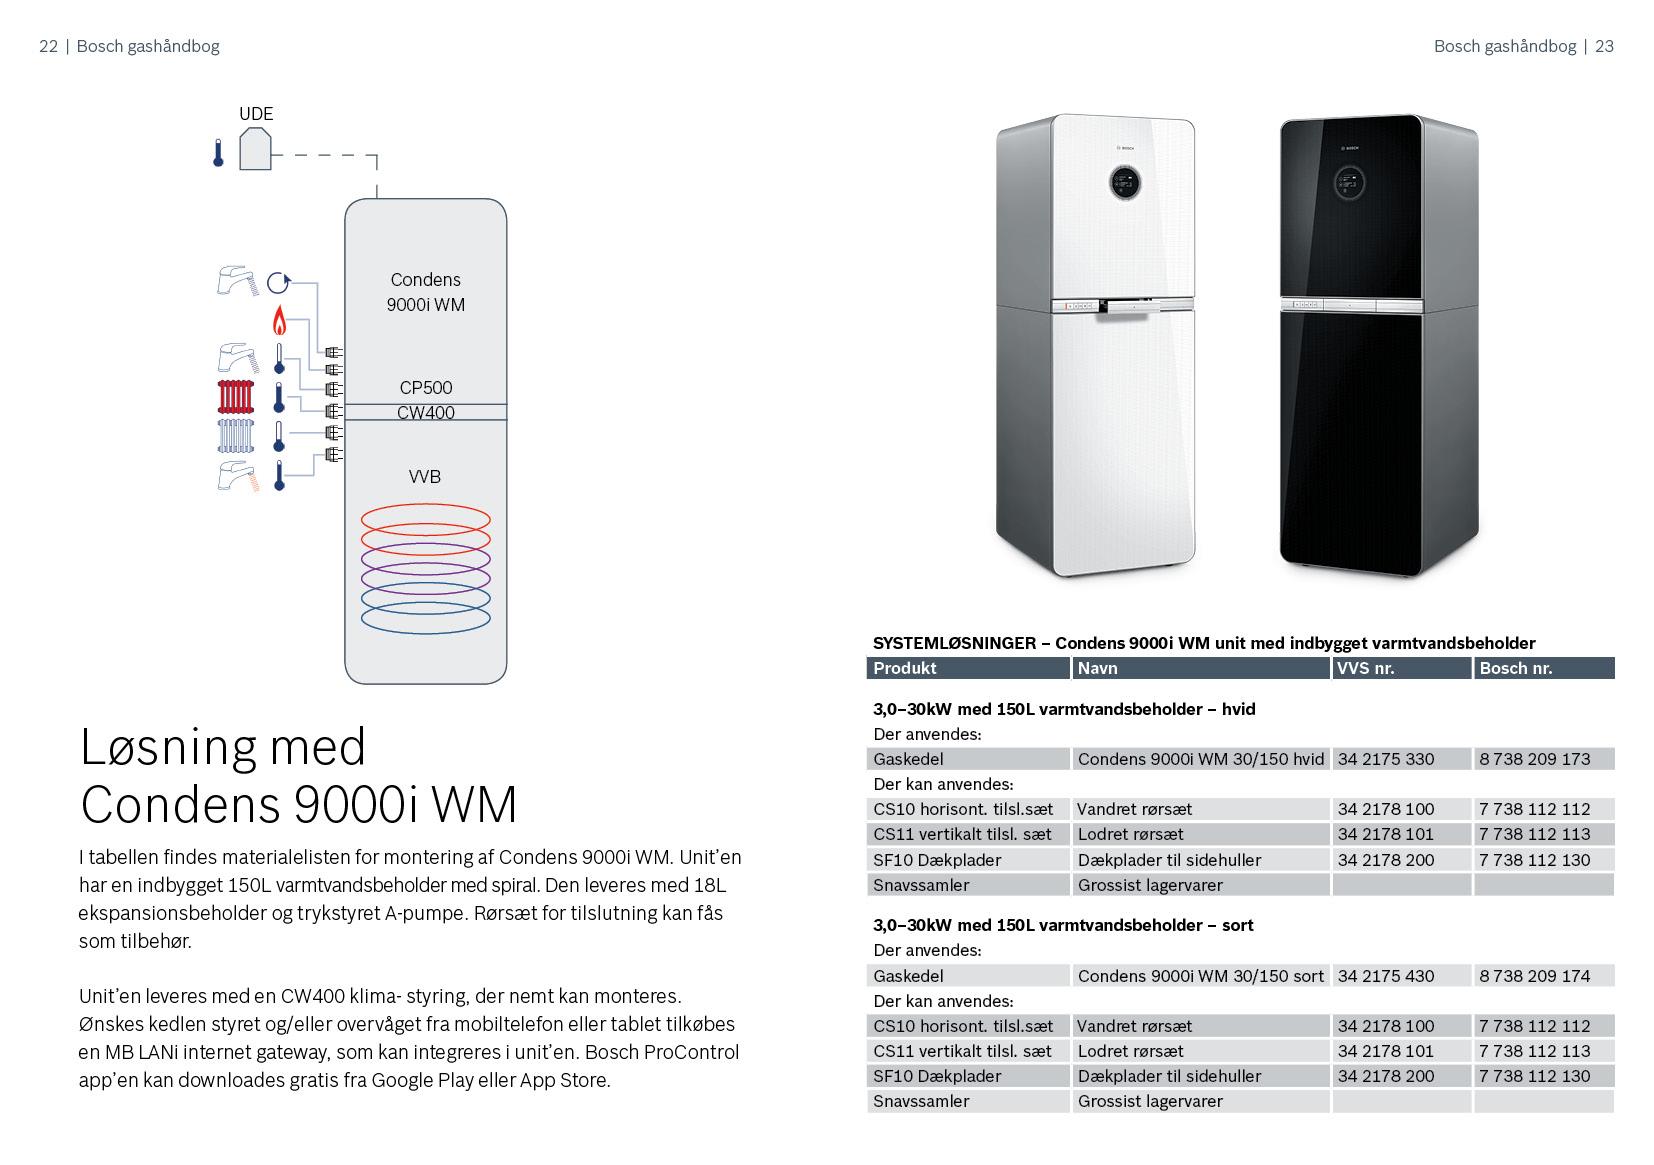 Bosch_Gashåndbog_2017_22.jpg